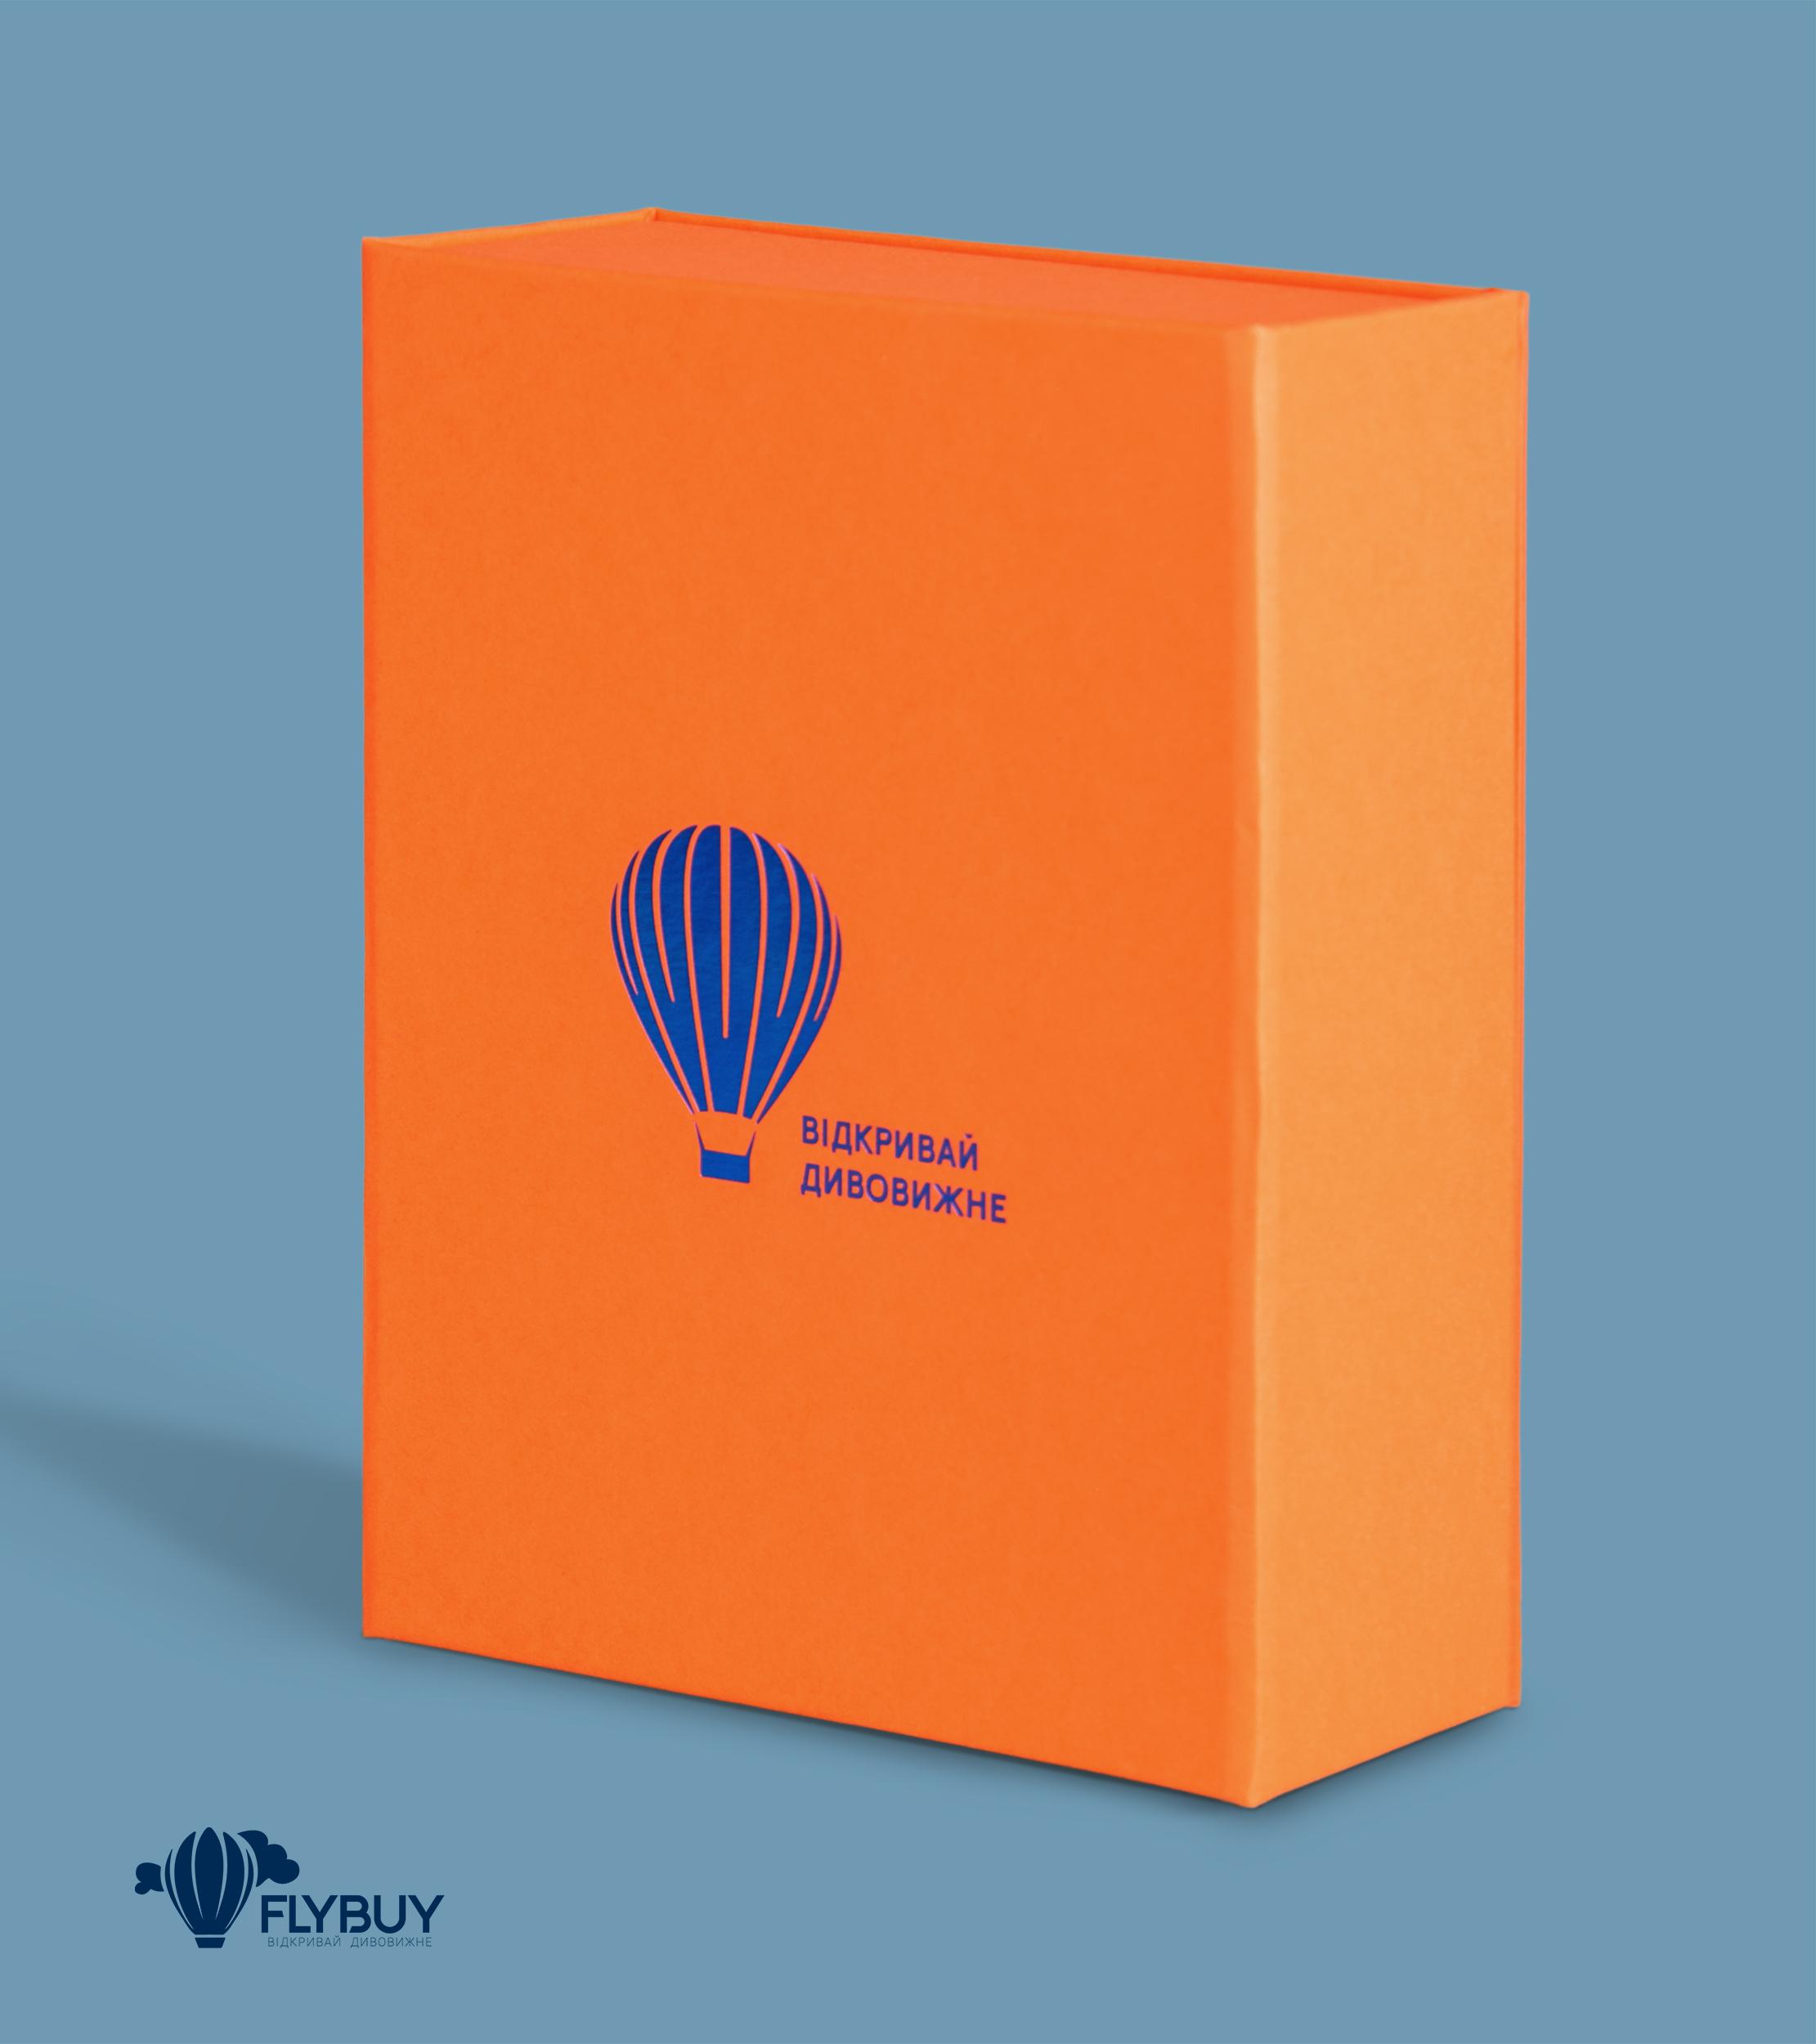 Подарочный сертификат для полета на воздушном шаре